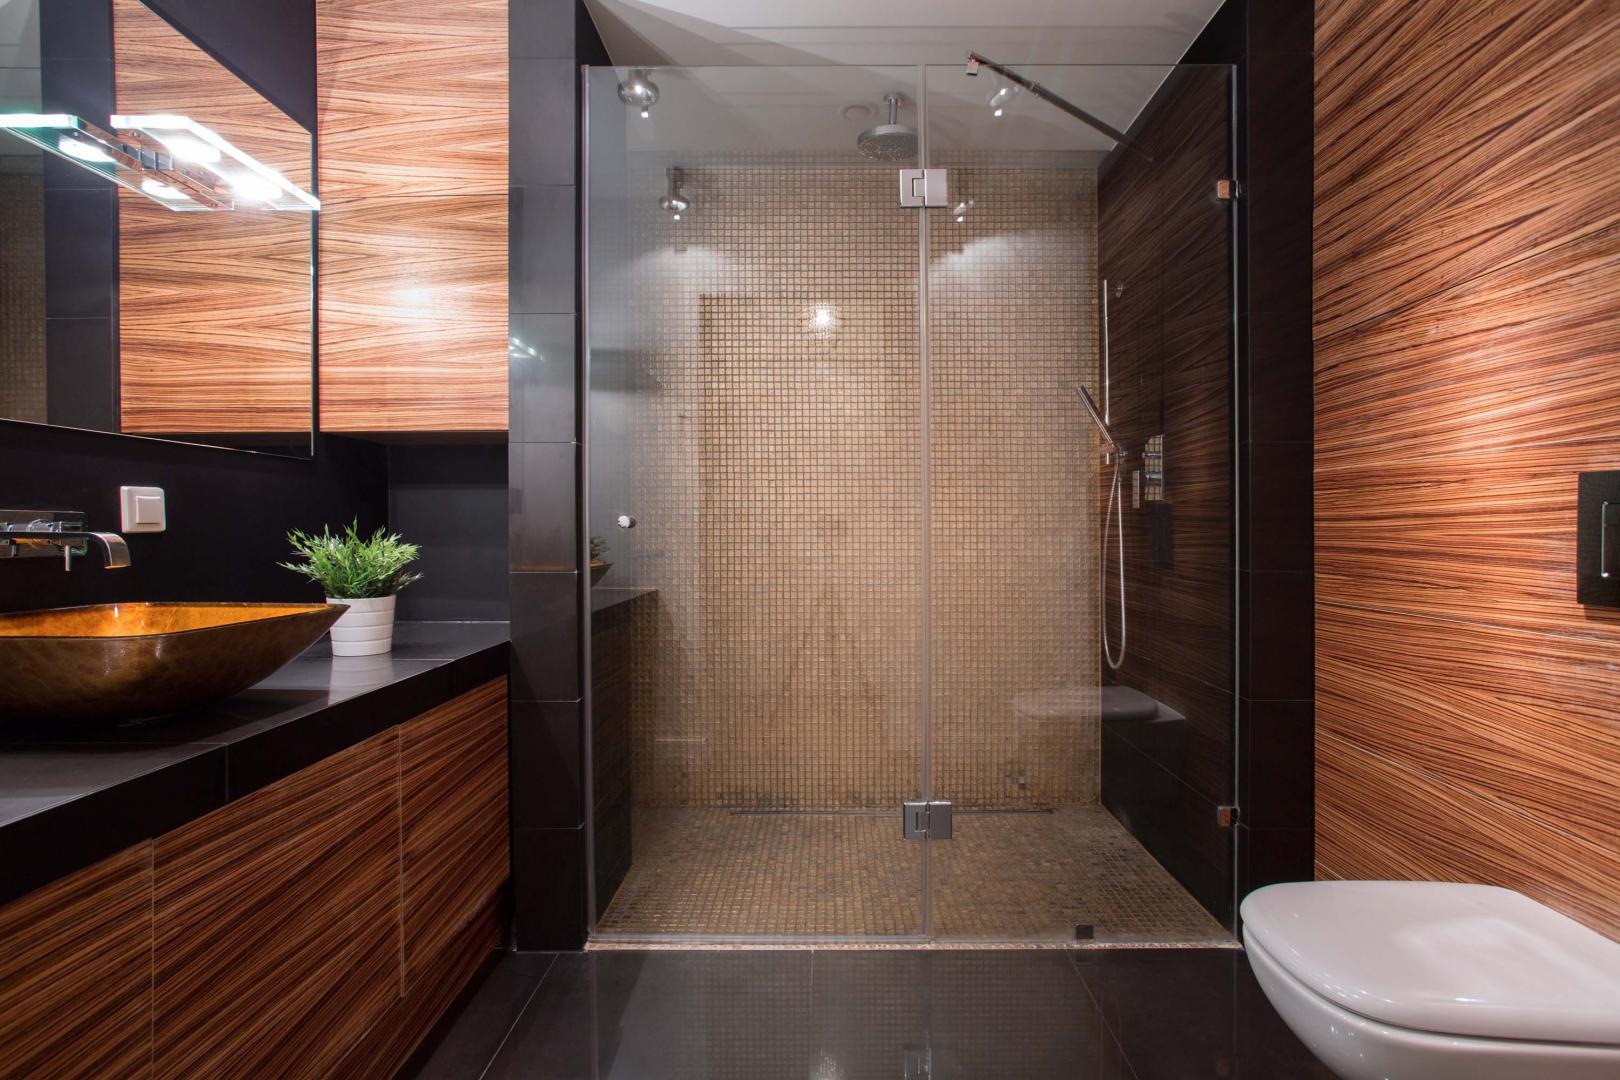 Rénovation de salle de bain Saguenay, Jonquière, Chicoutimi, La